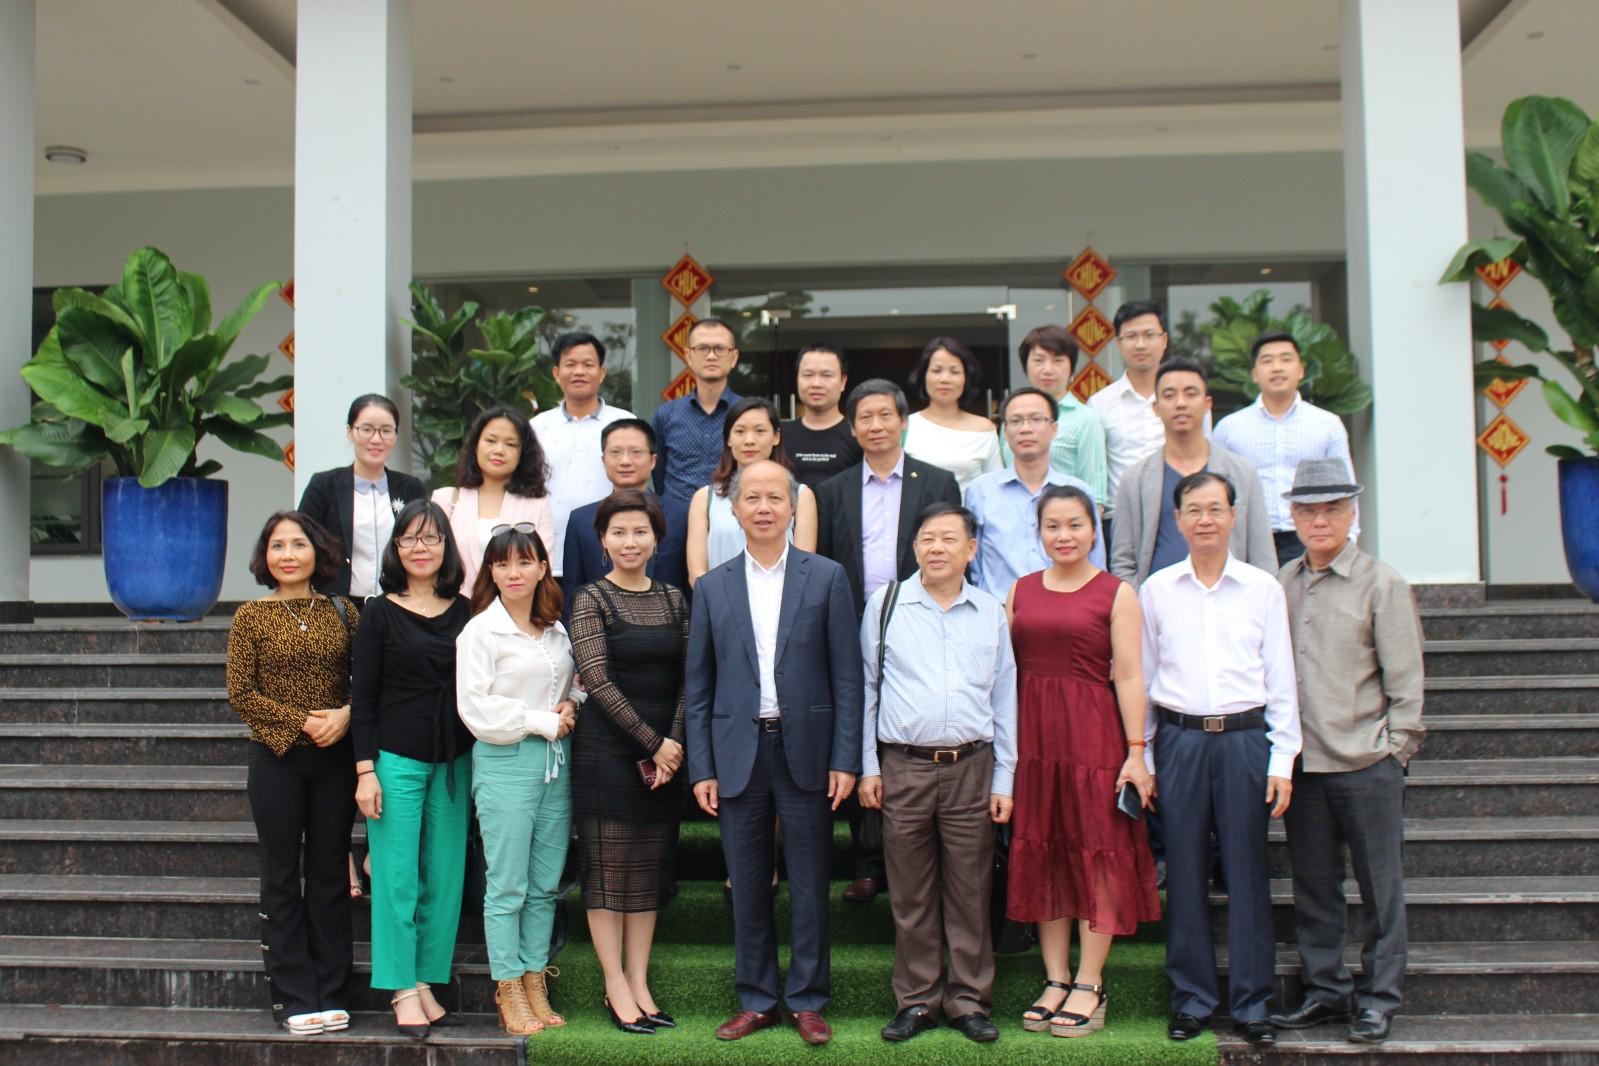 Đoàn lãnh đạo Hiệp hội chụp ảnh lưu niệm với đại diện Khu công nghiệp Đại An